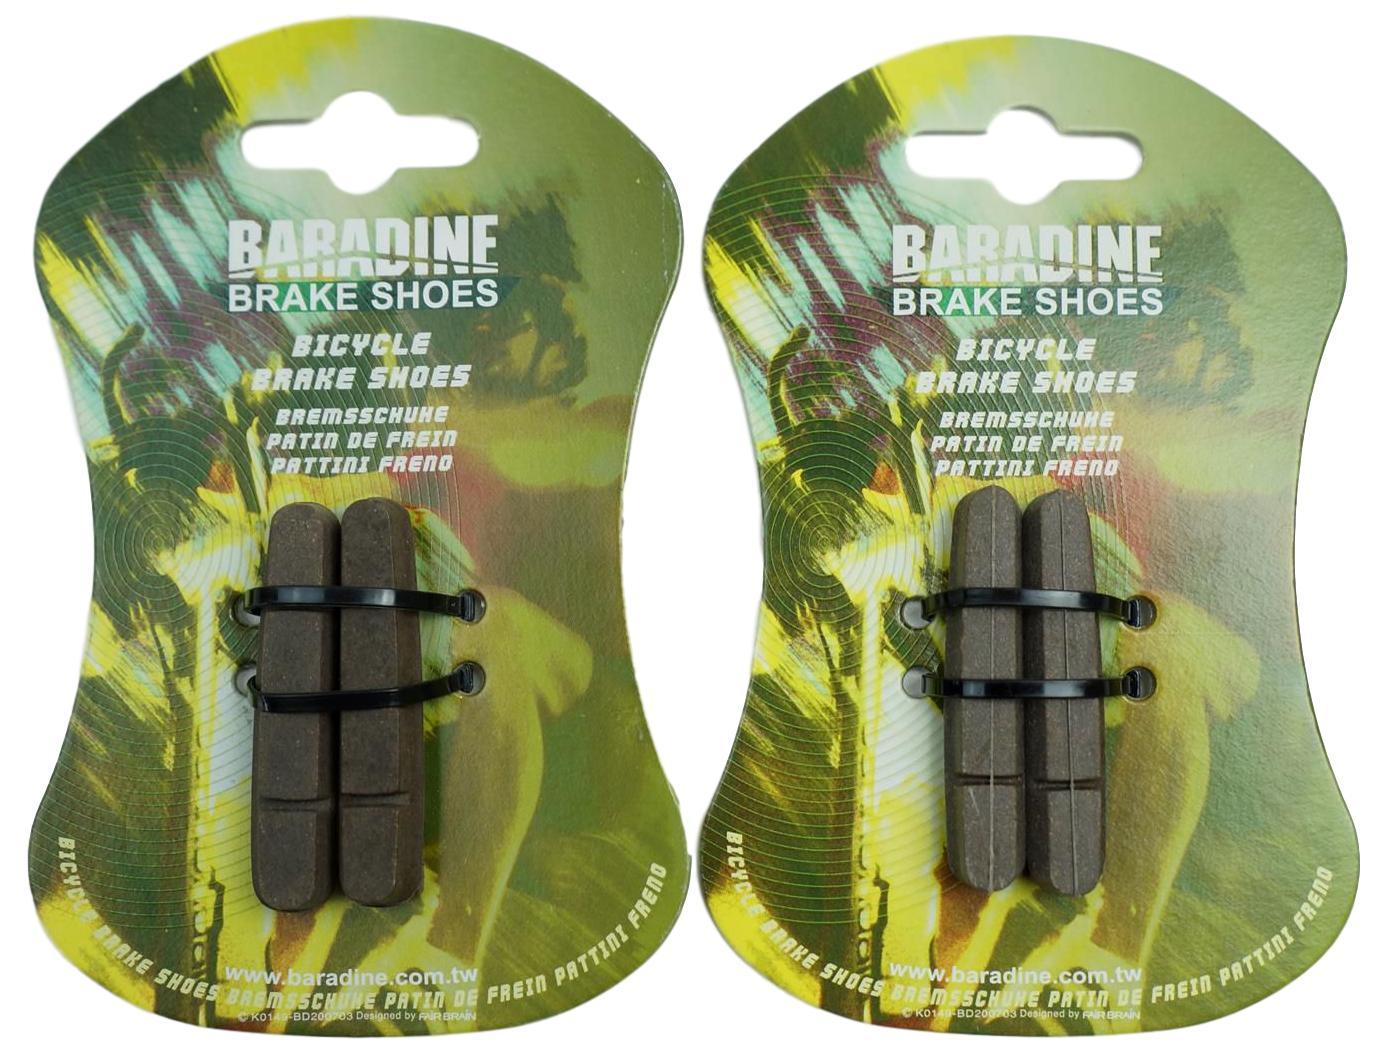 Par de Sapatas Freio Para Aros de Carbono Baradine 55mm Serve em Shimano